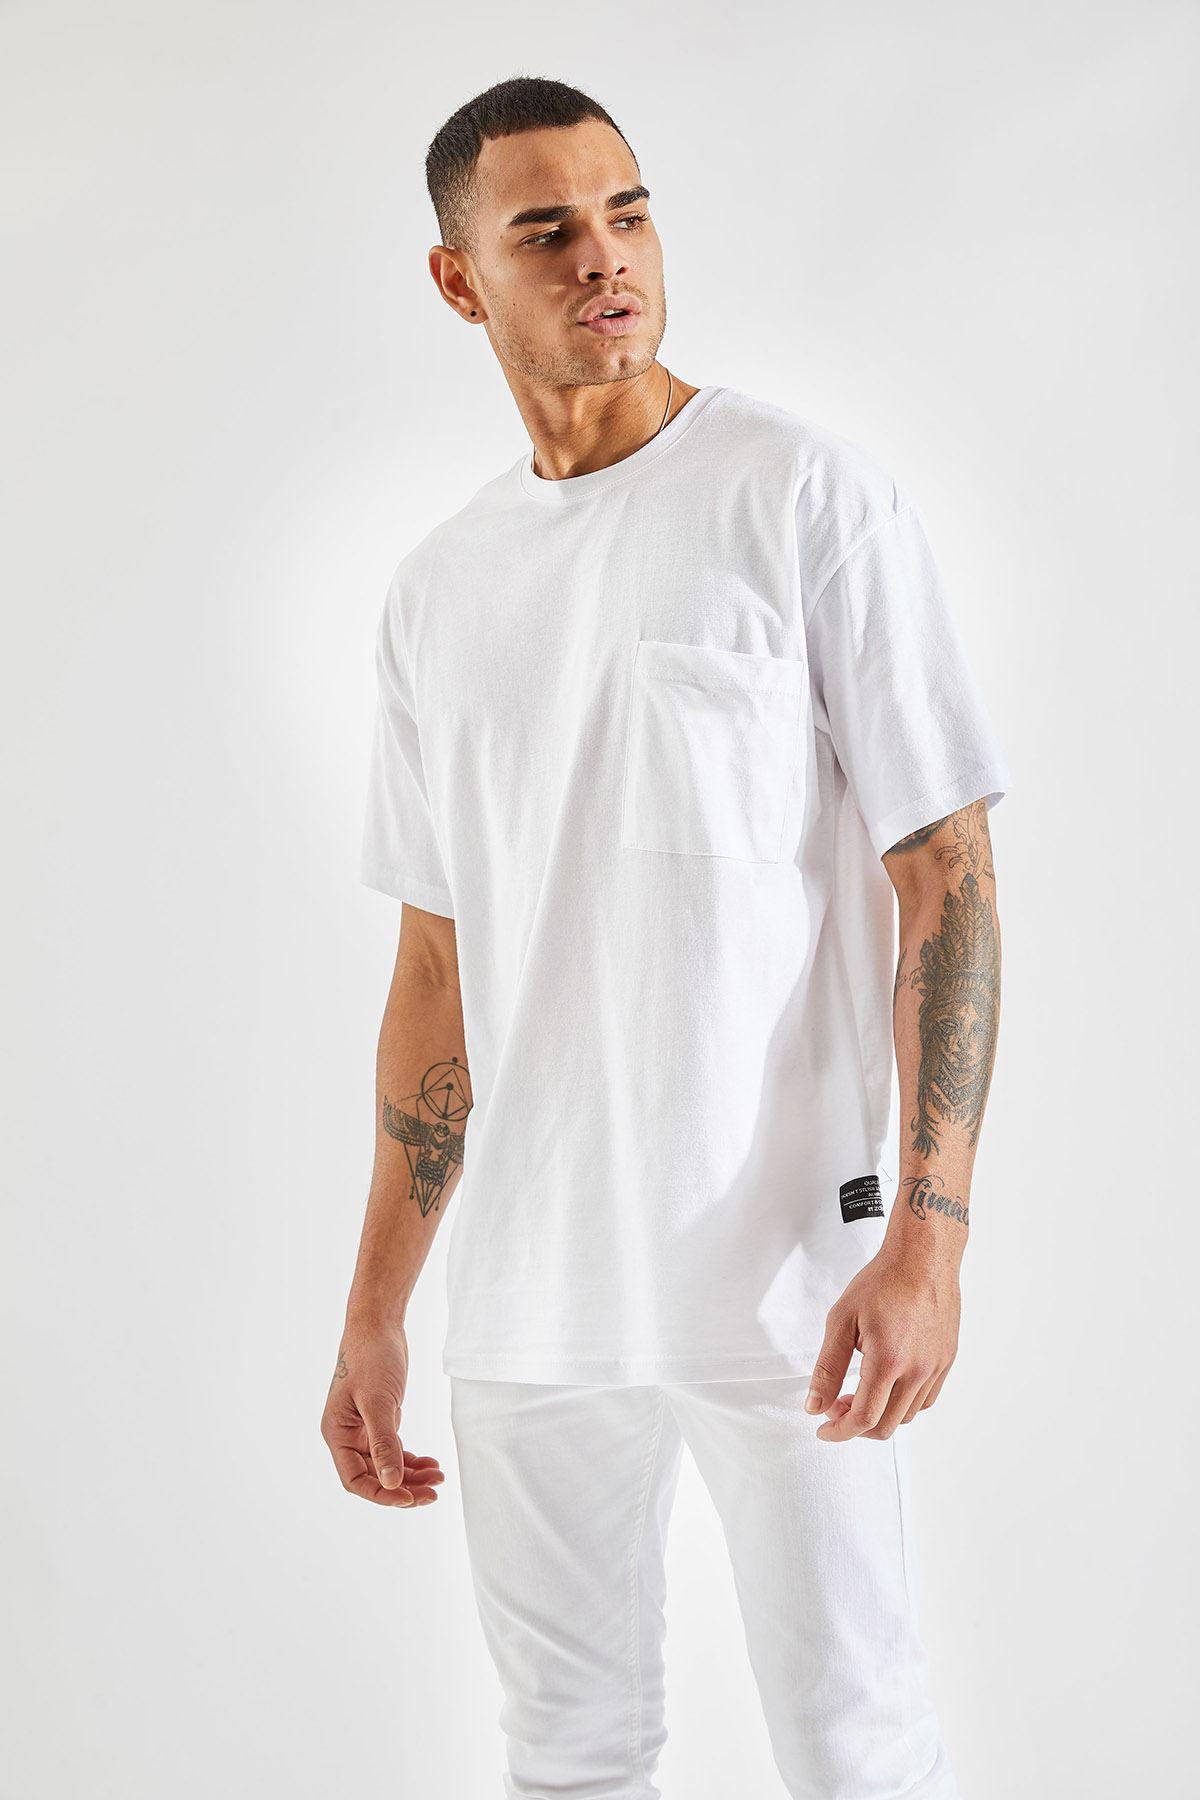 Erkek Oversize Cepli Beyaz Tişört